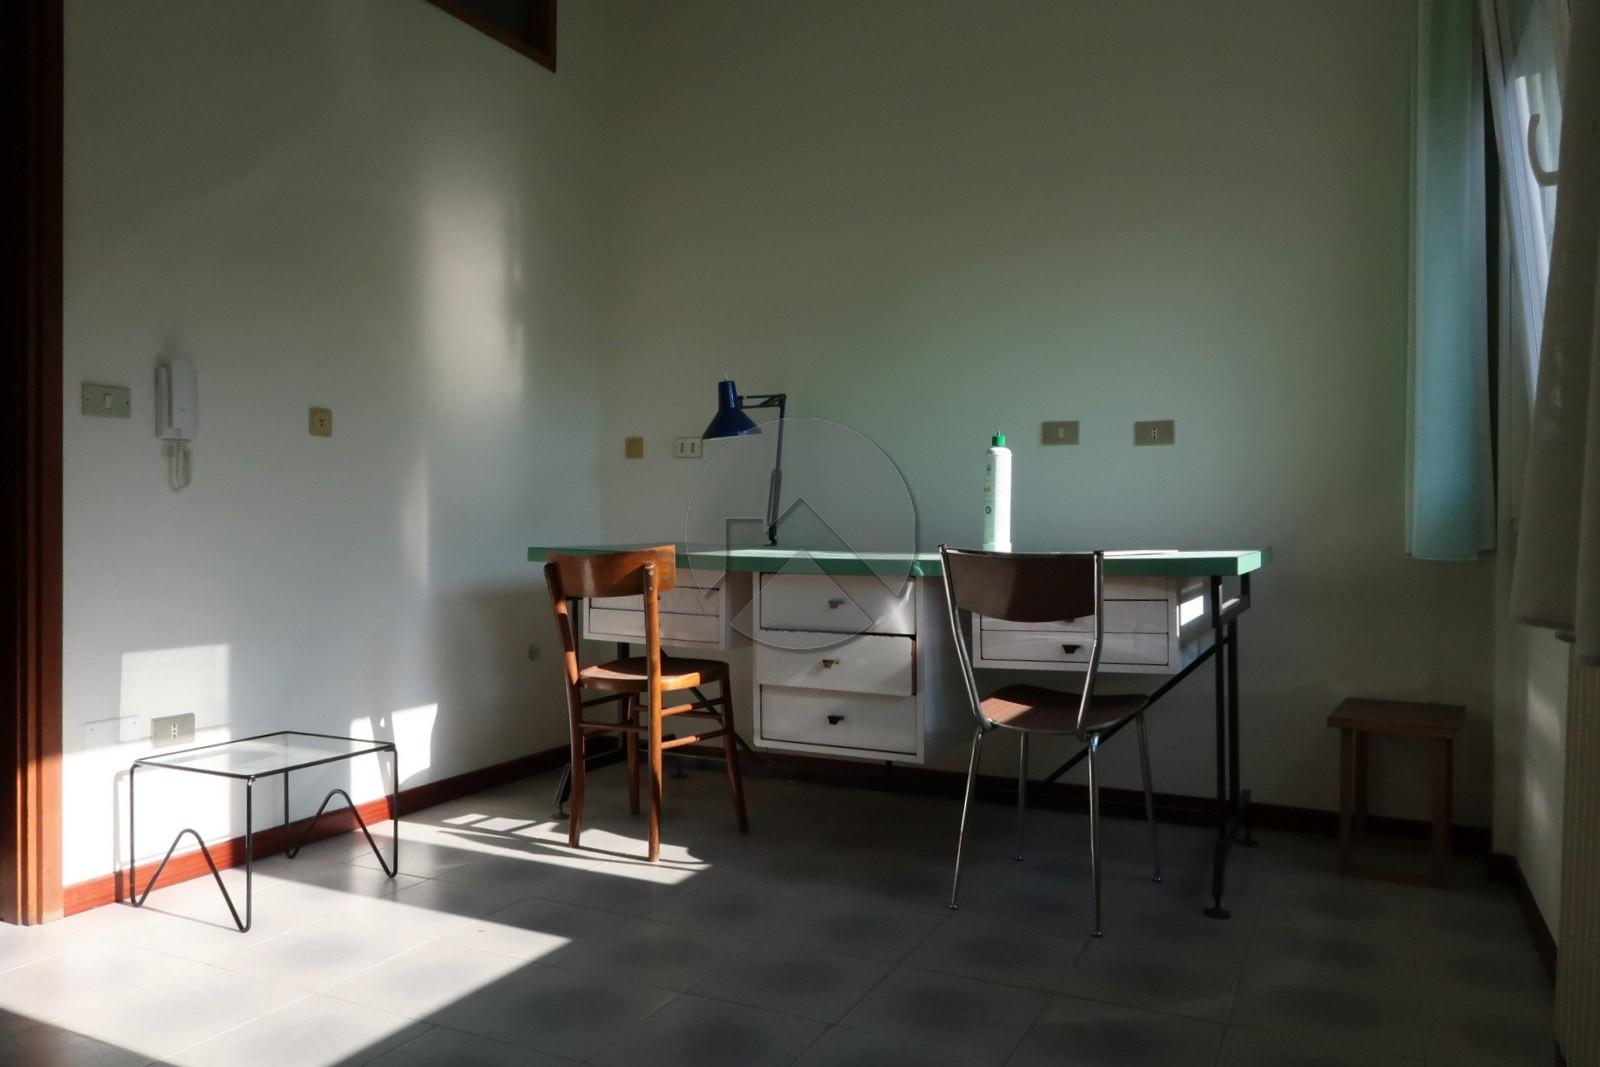 Ufficio a cesena in affitto in zona centrale for Affitto ufficio